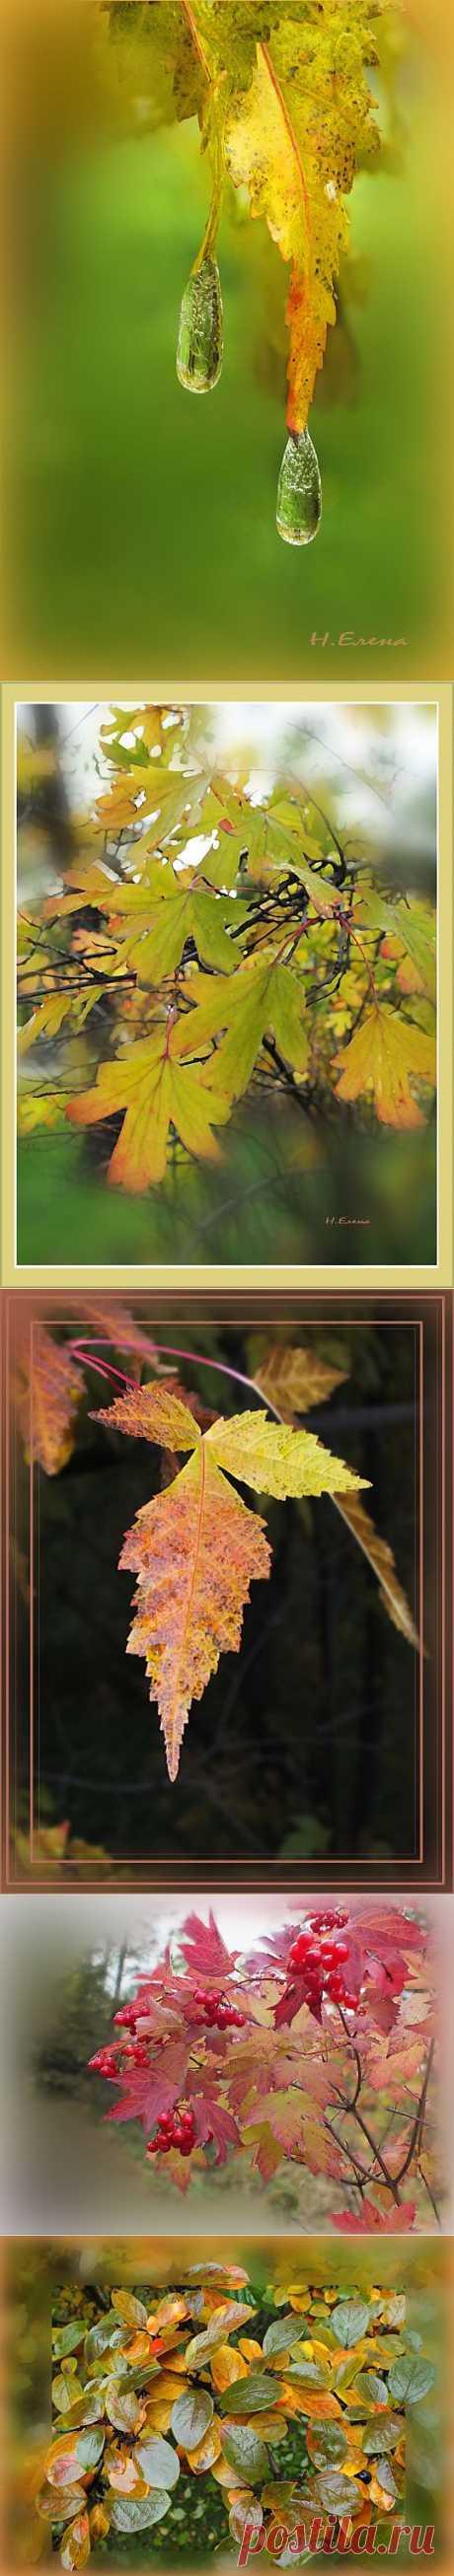 Осенняя рапсодия | Фотоискусство